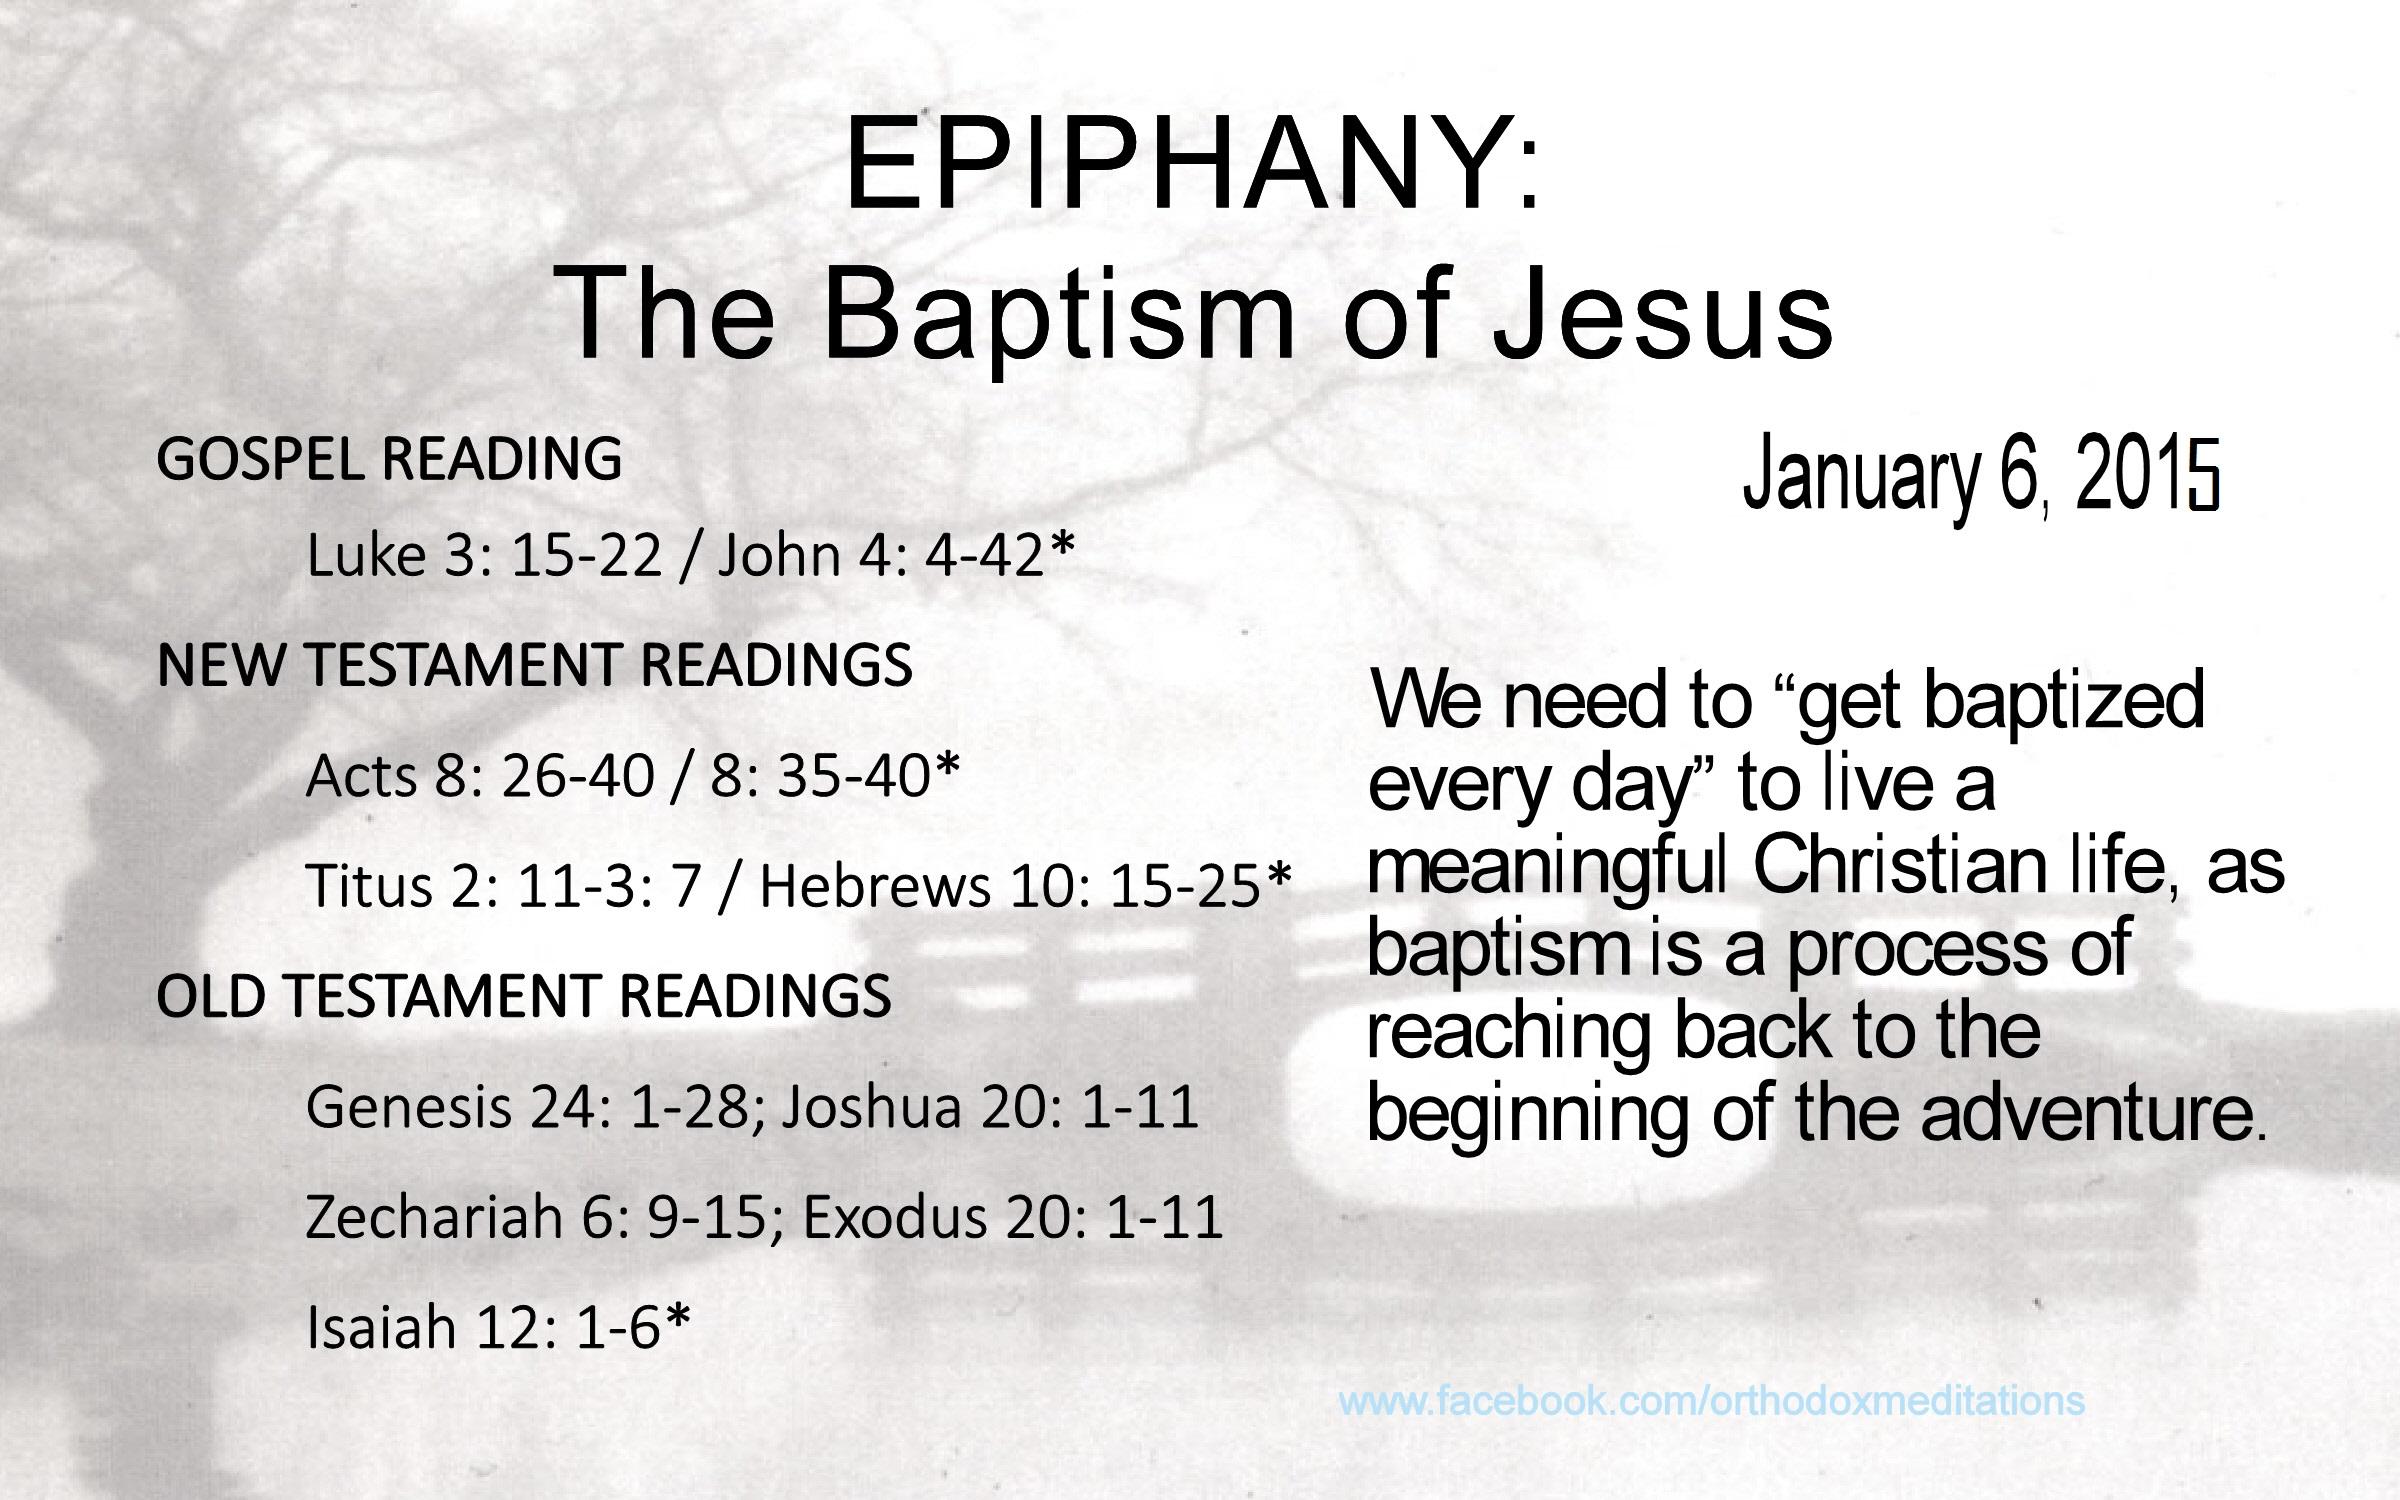 EPIPHANY-The-Baptism-of-Jesus_001